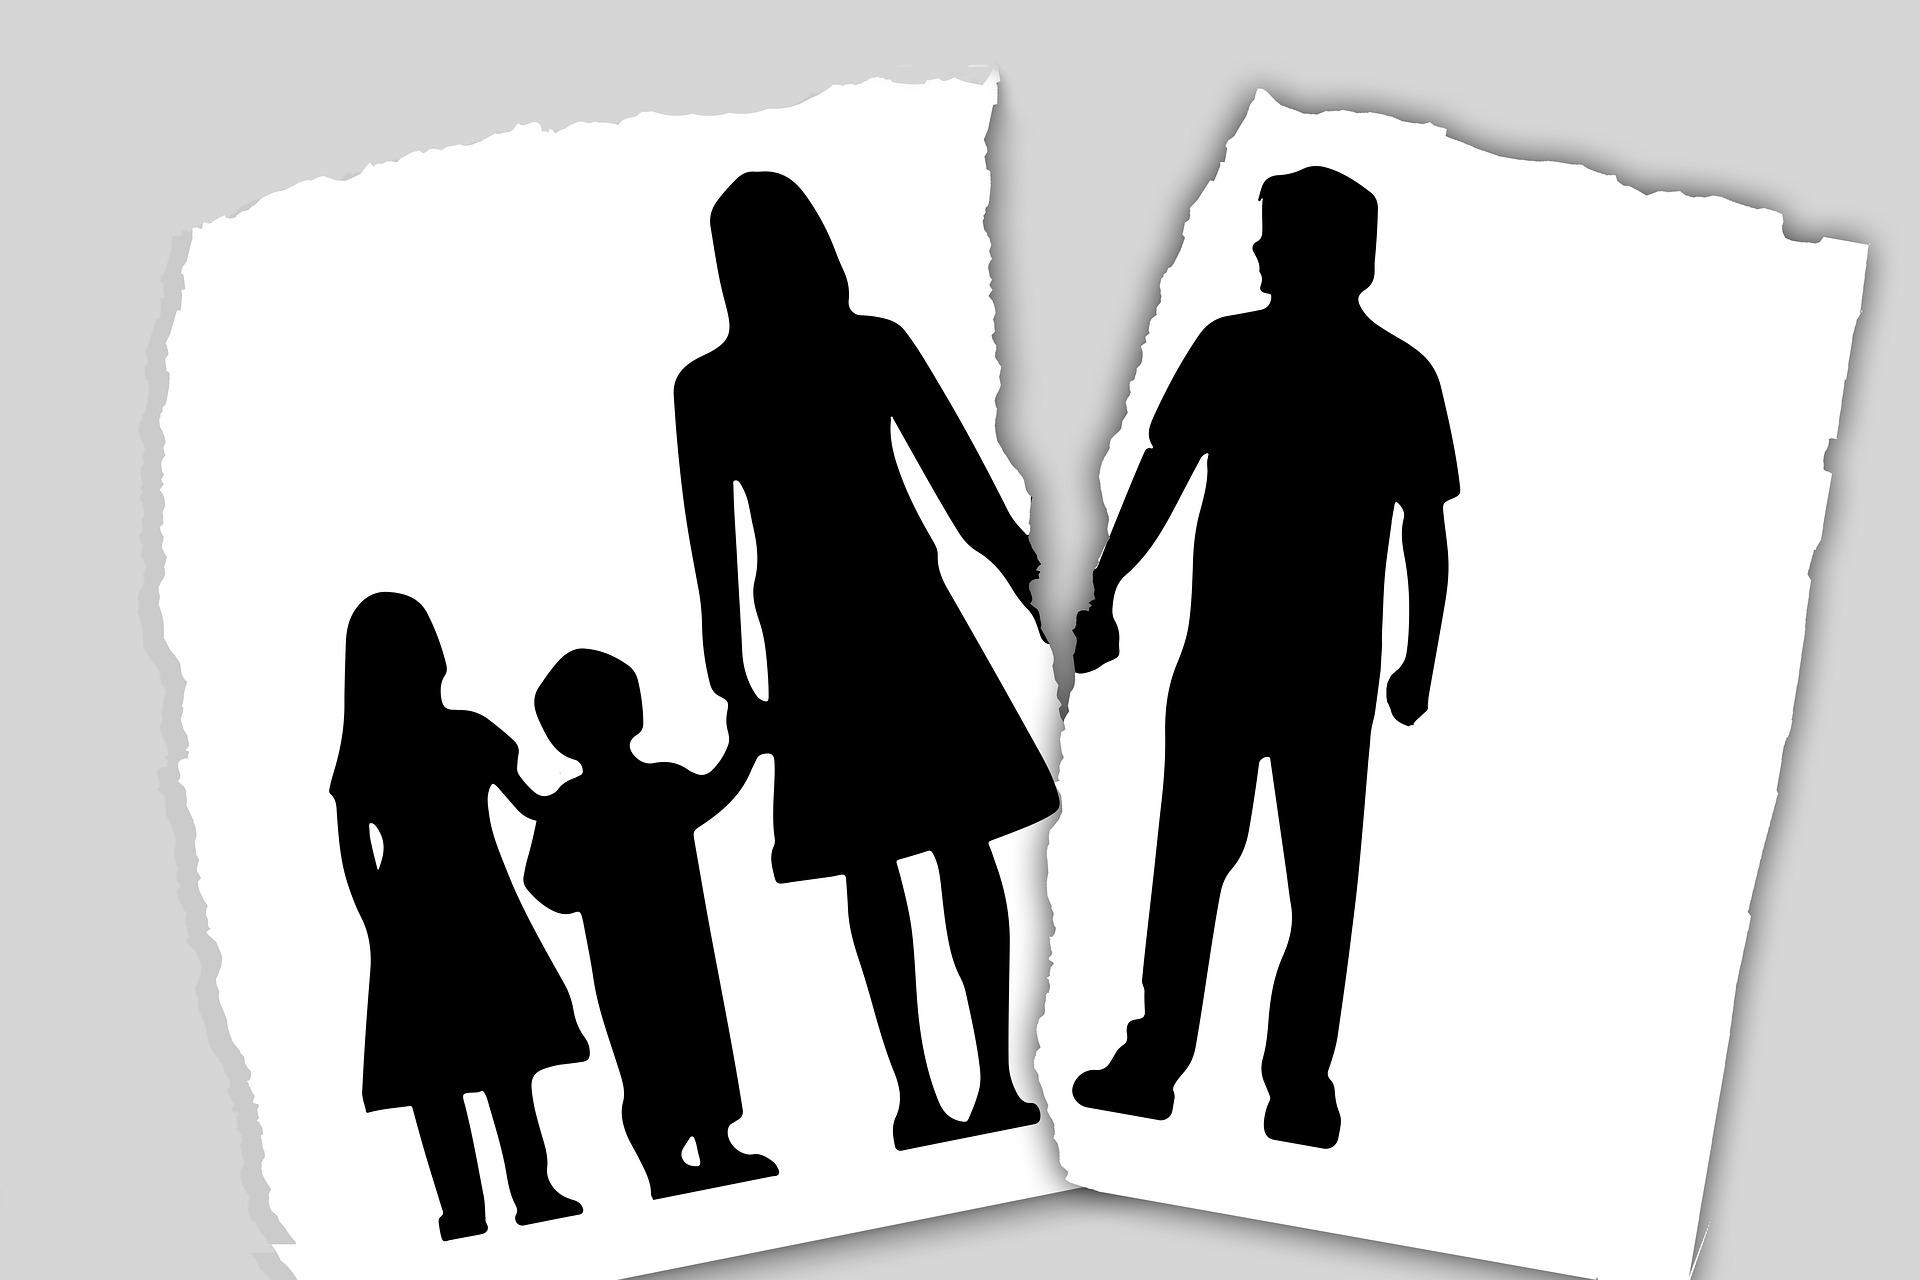 Wann kann man eine Scheidung beantragen? 2